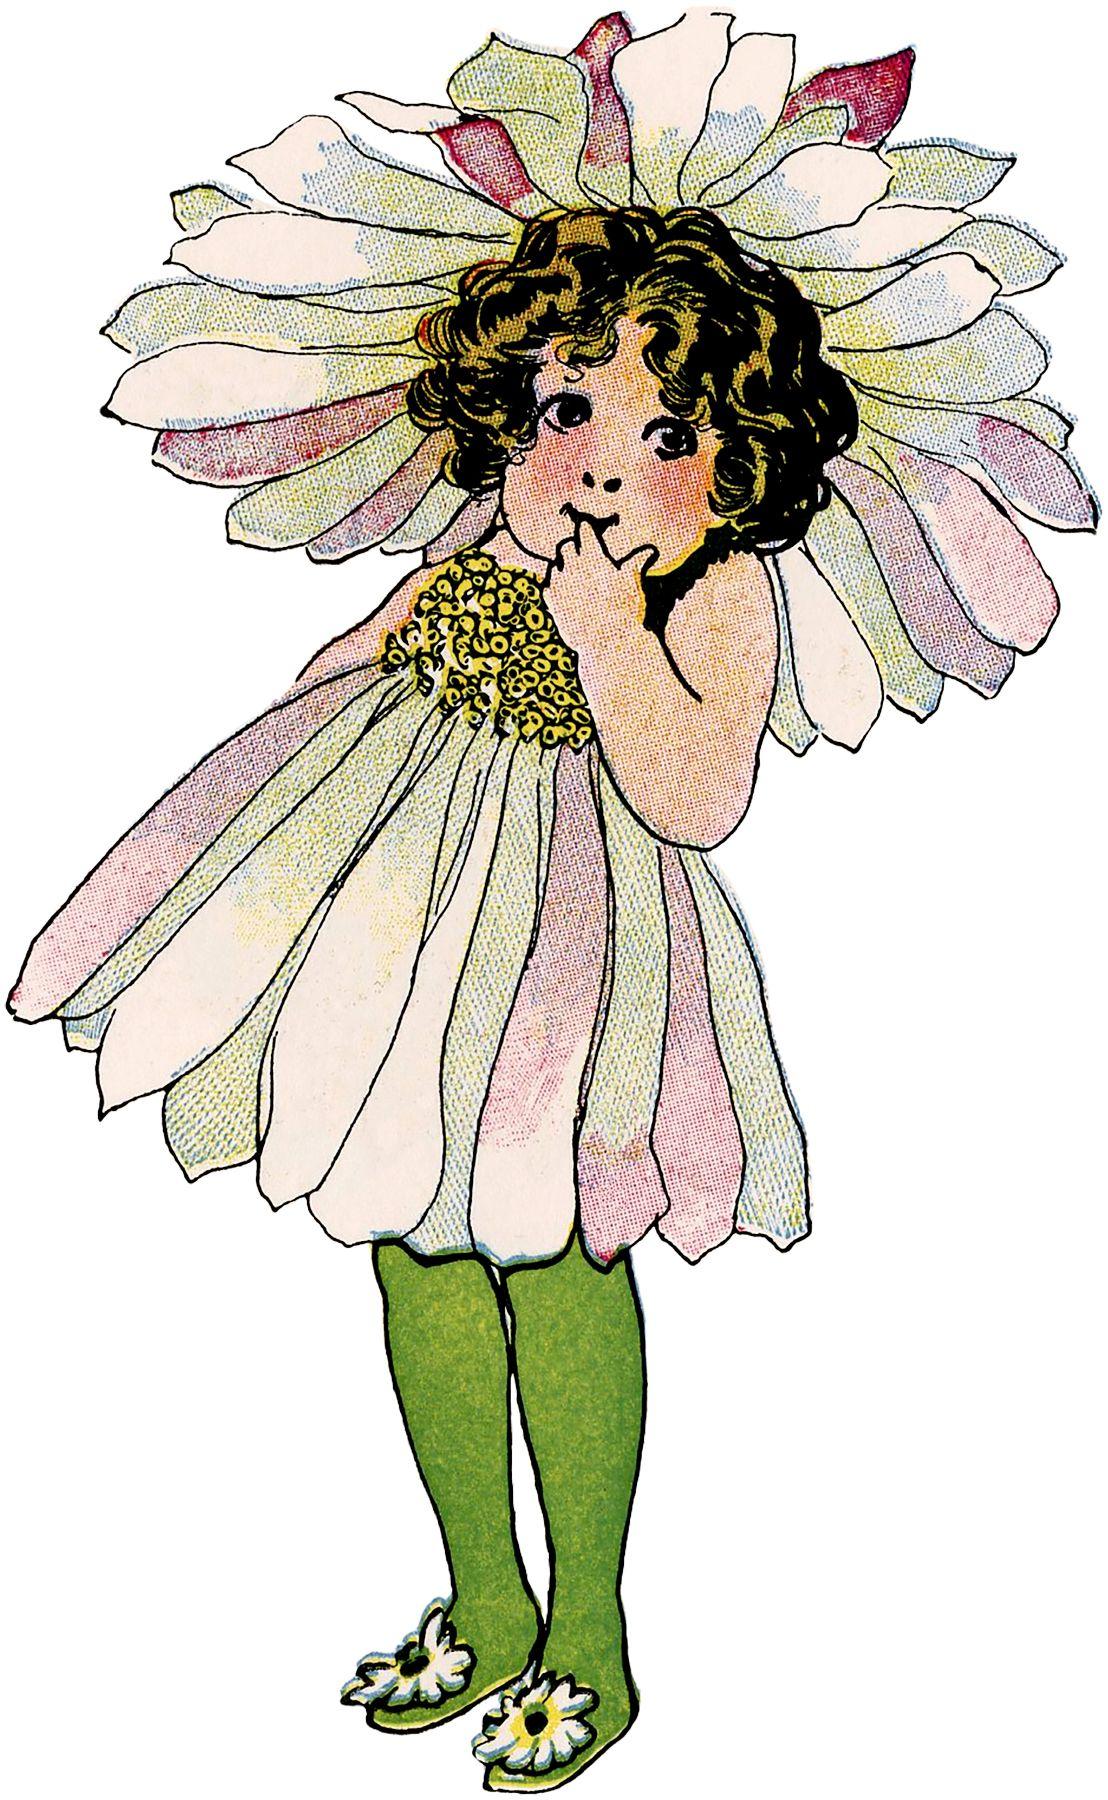 Vintage flower fairy child image graphics fairy pinterest vintage flower fairy child image the graphics fairy graphics vintage vintage ephemera vintage mightylinksfo